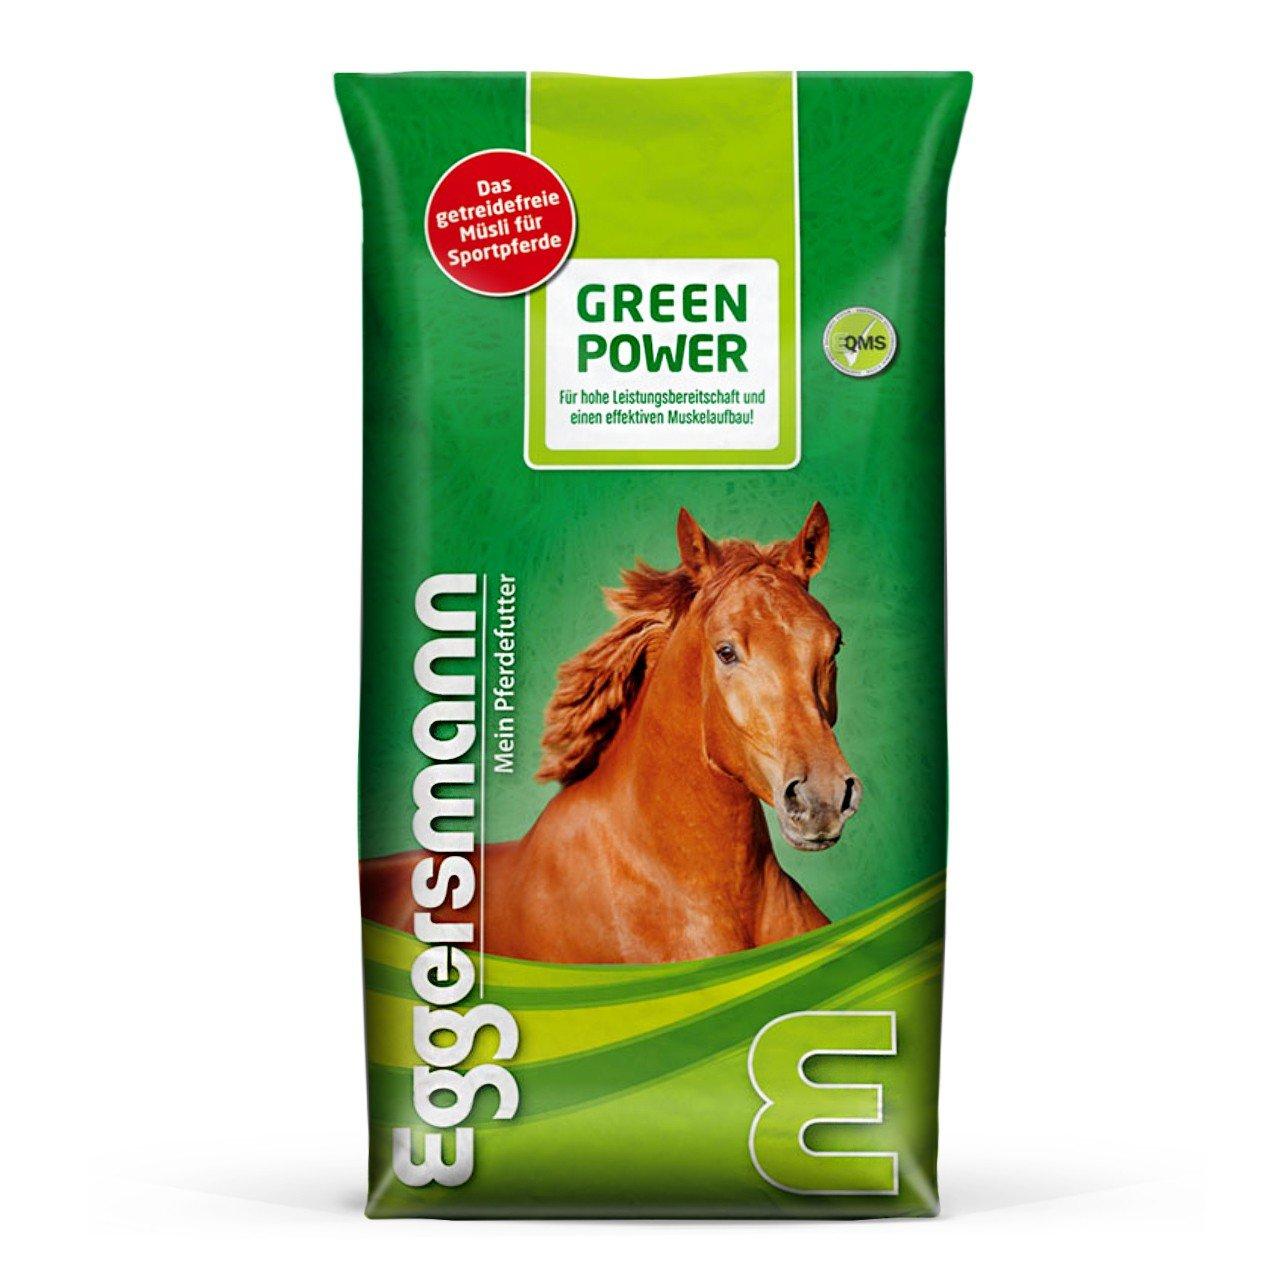 Eggersmann Green Power Kornfri